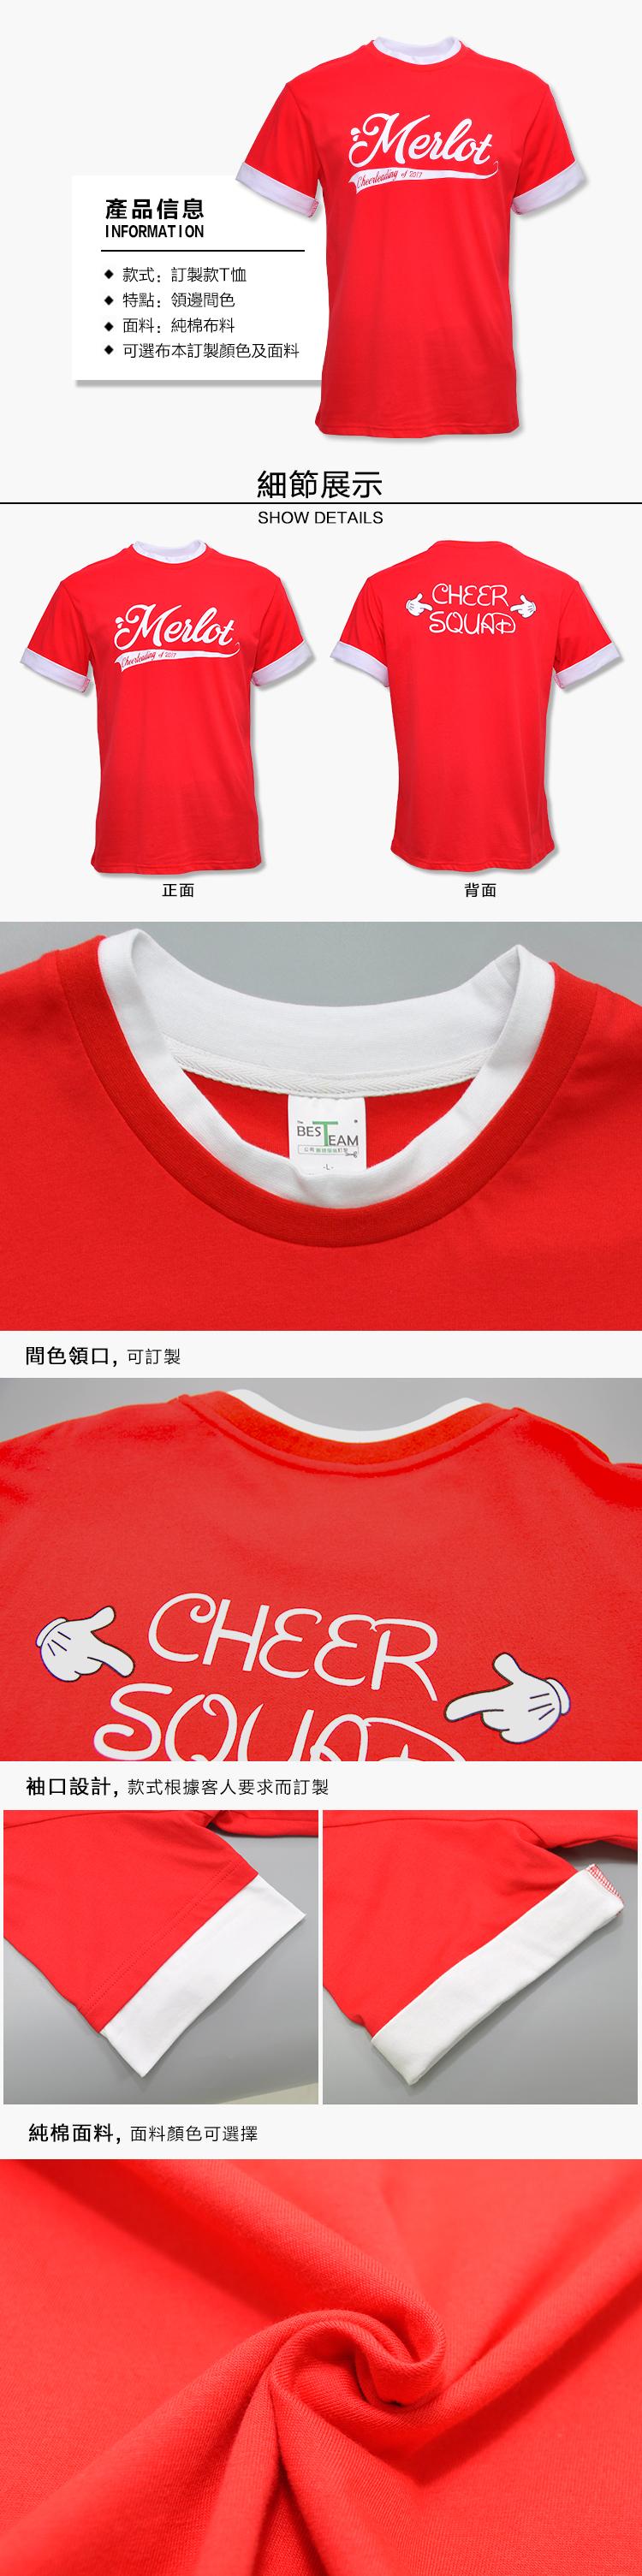 訂製t-shirt